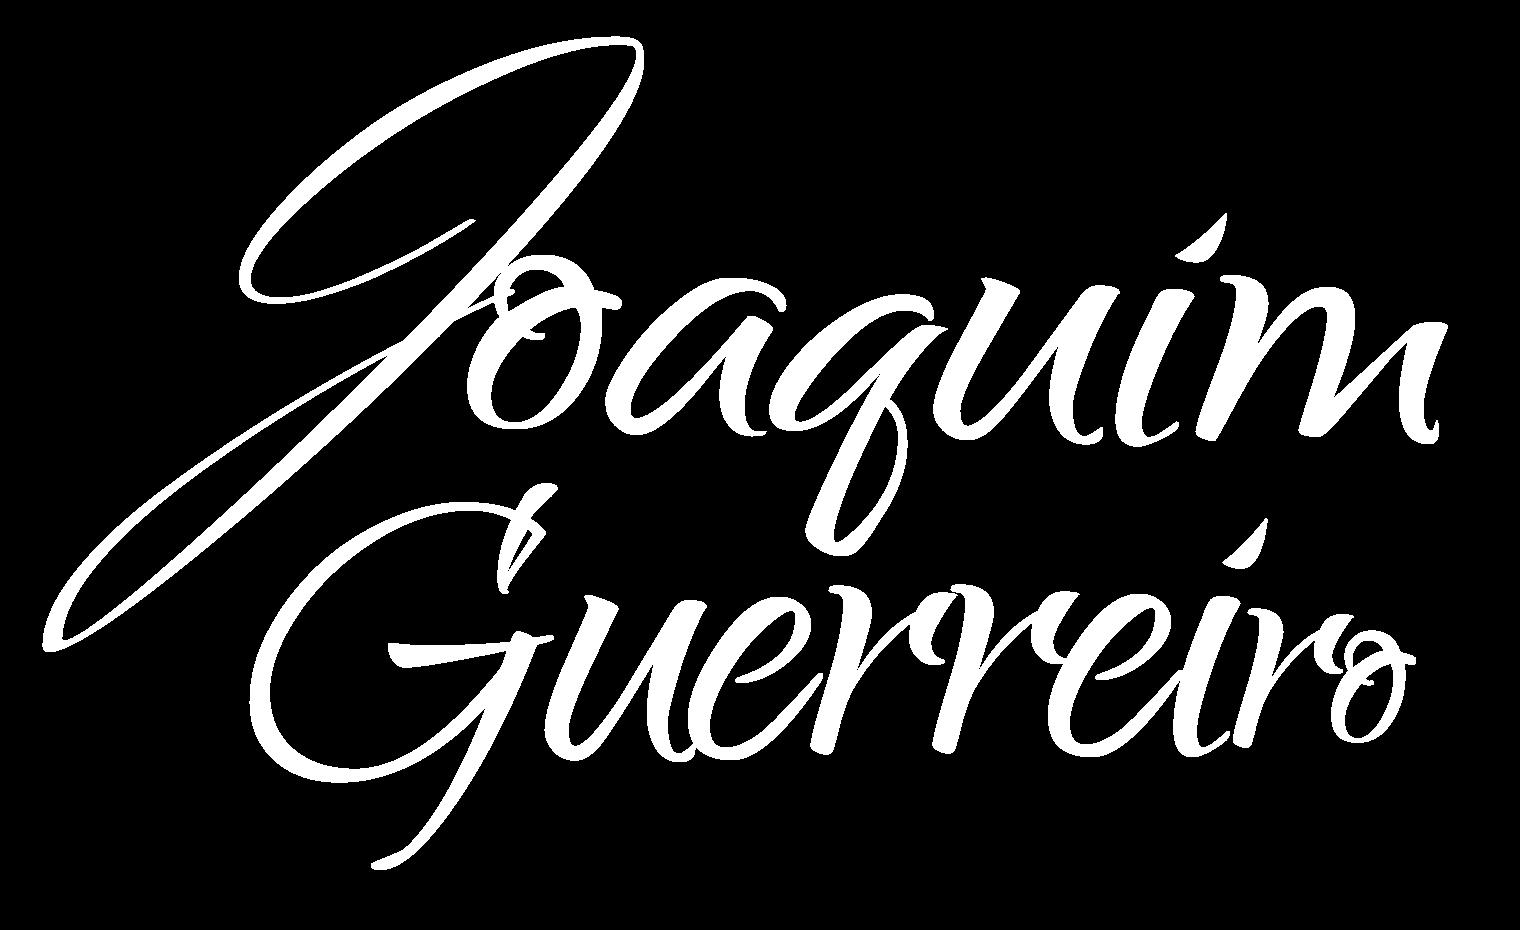 Joaquim Guerreiro